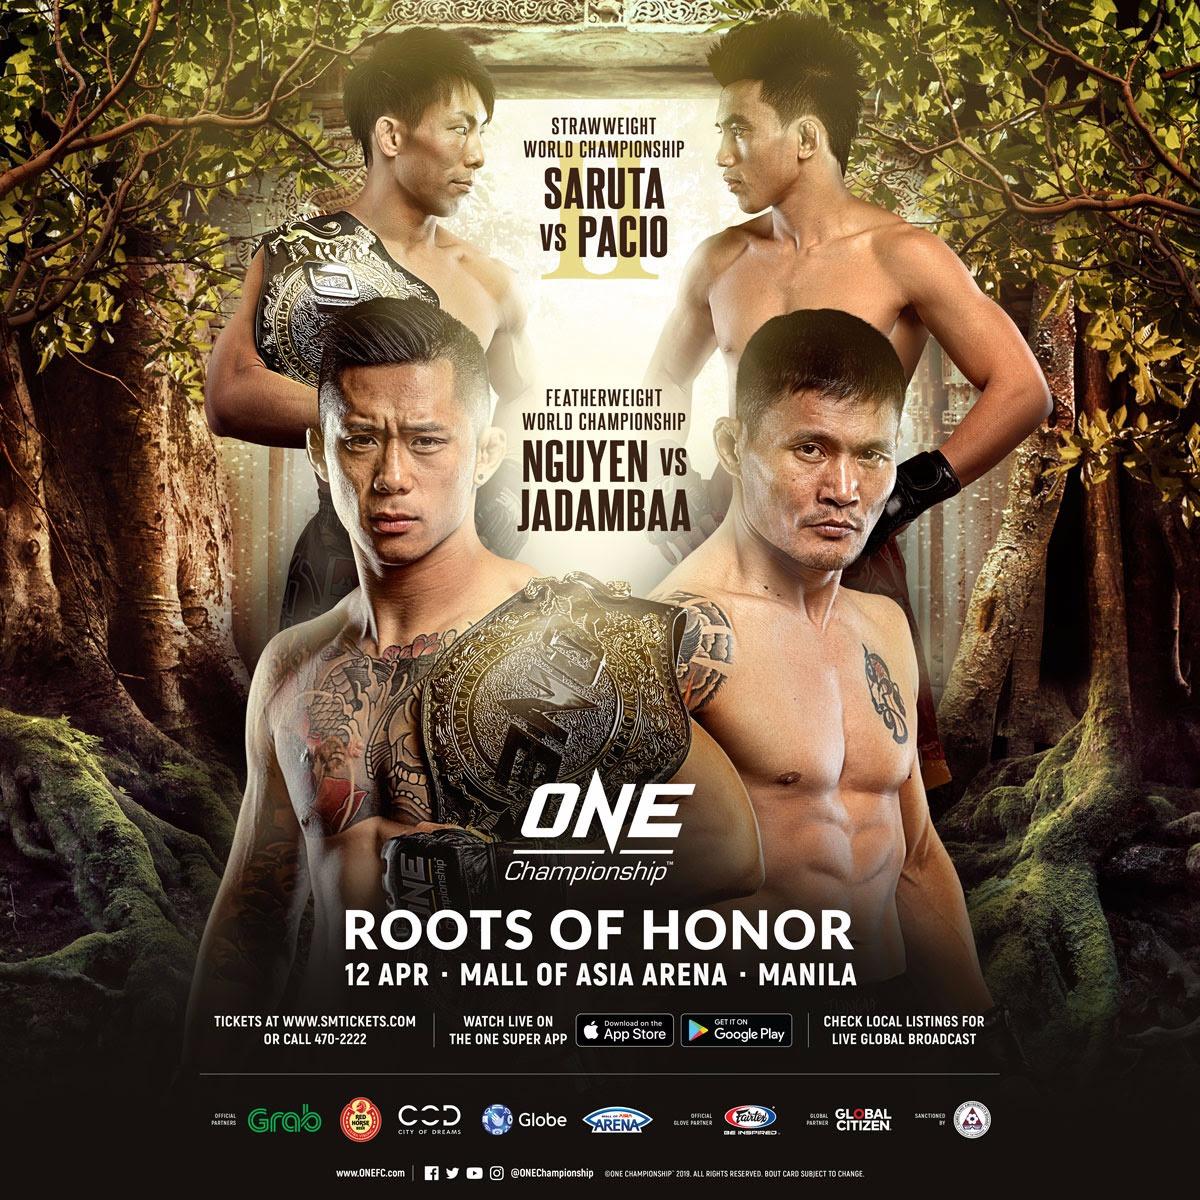 ĐKVĐ Featherweight Martin Nguyen sẽ bảo vệ đai vô địch trước cựu VĐTG